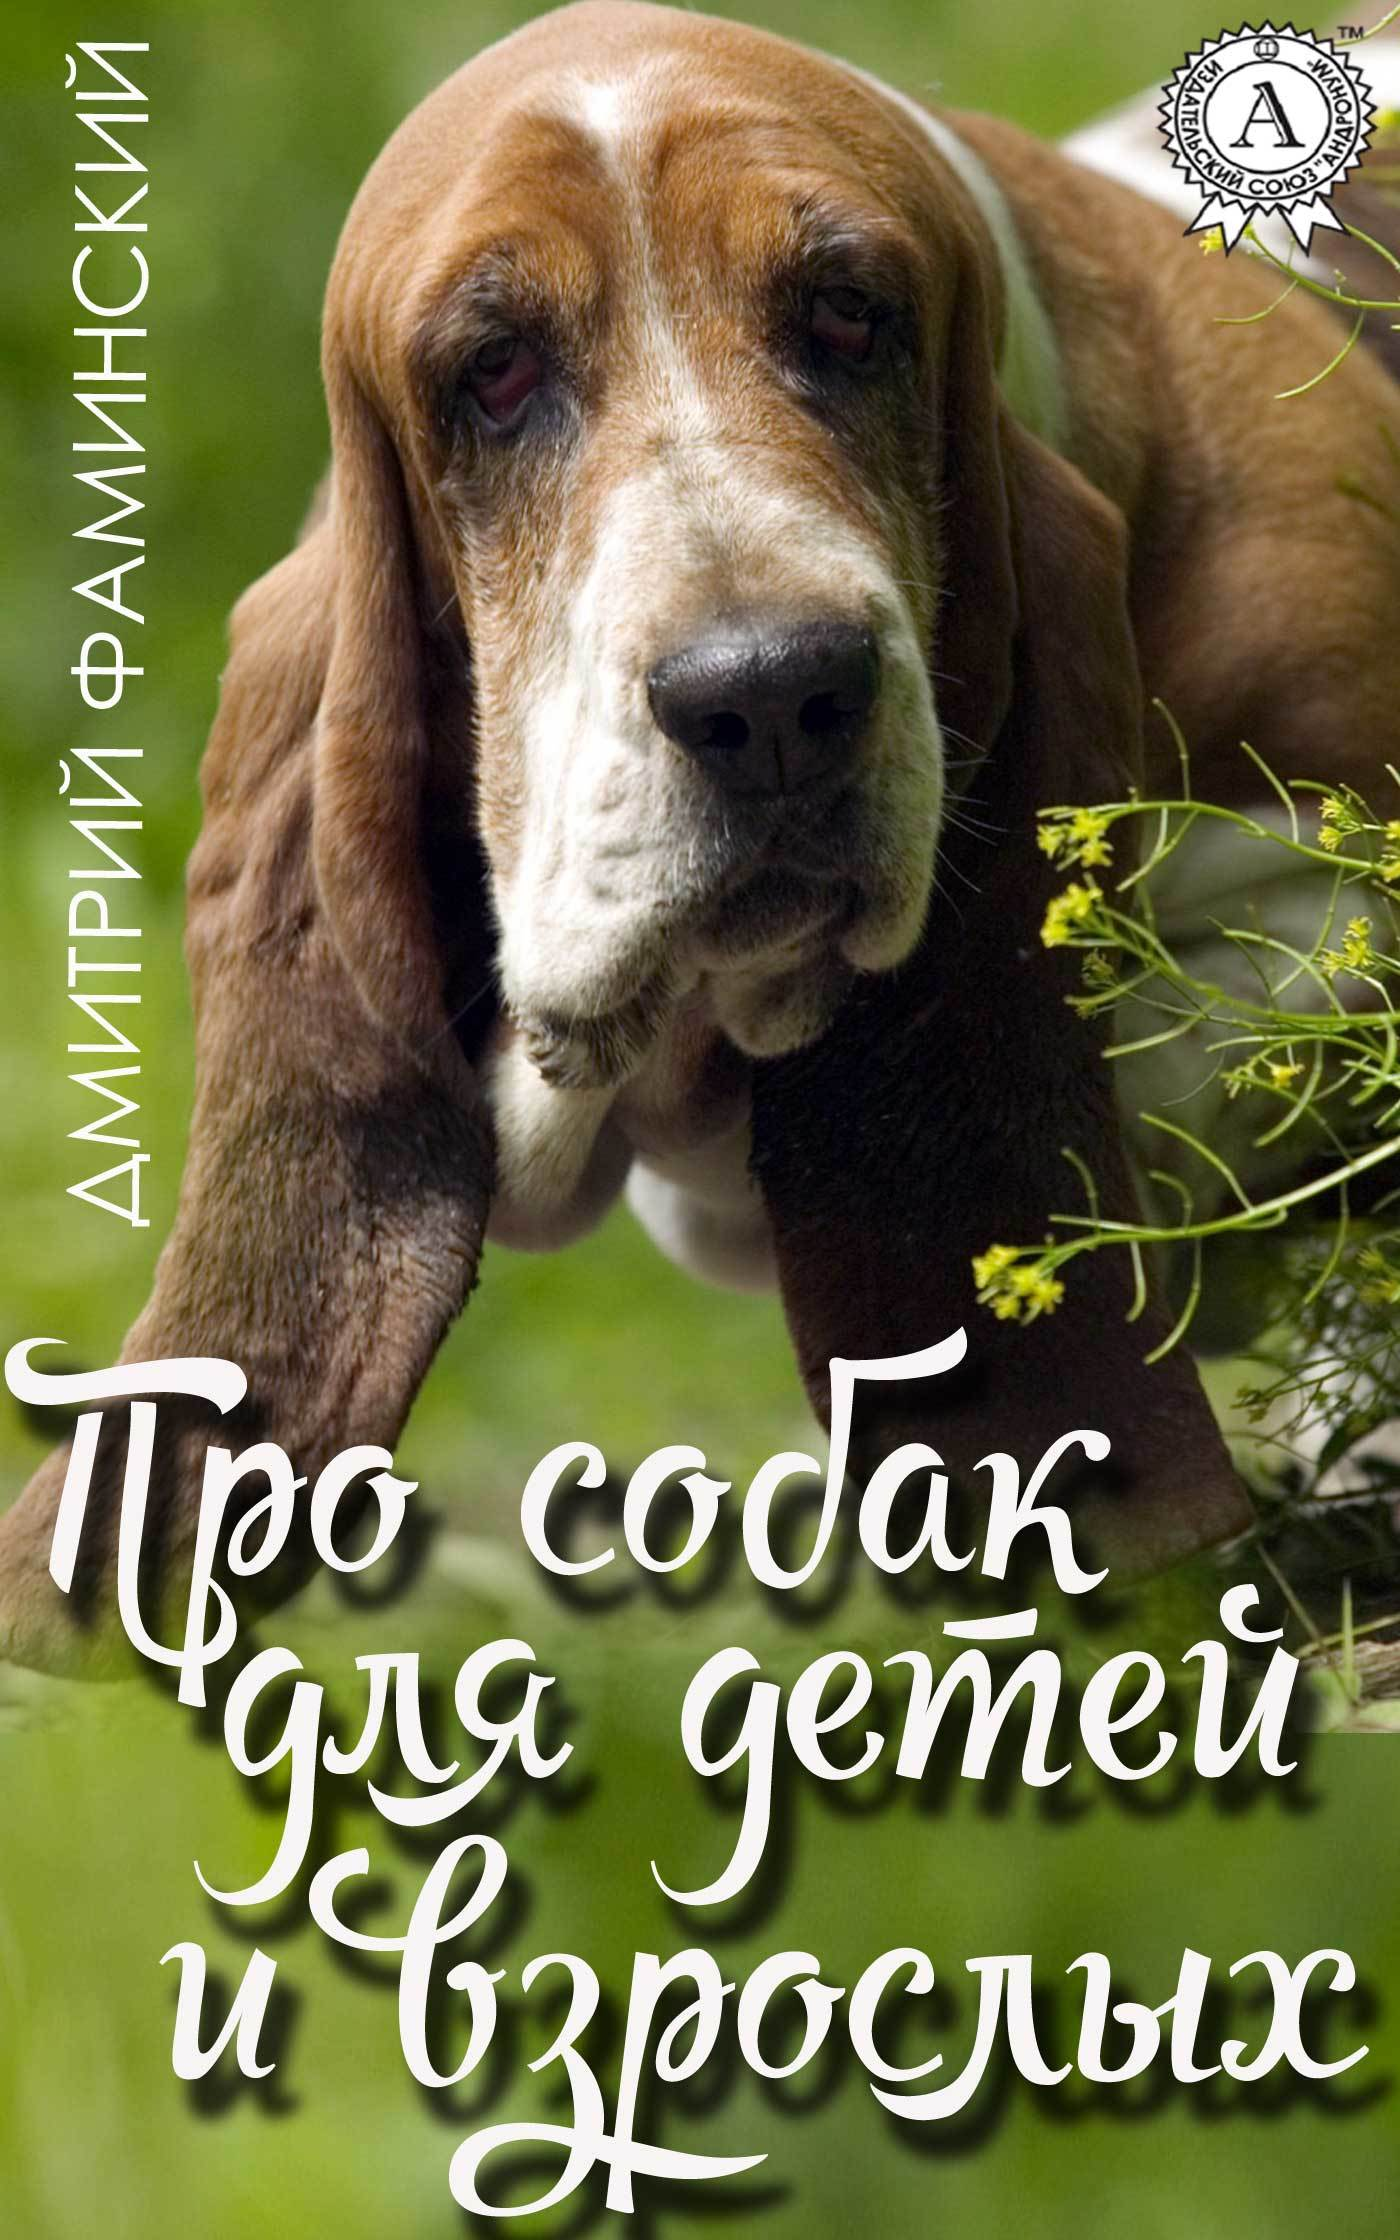 Дмитрий Фаминский Про собак для детей и взрослых дмитрий фаминский торговцы впечатлениями